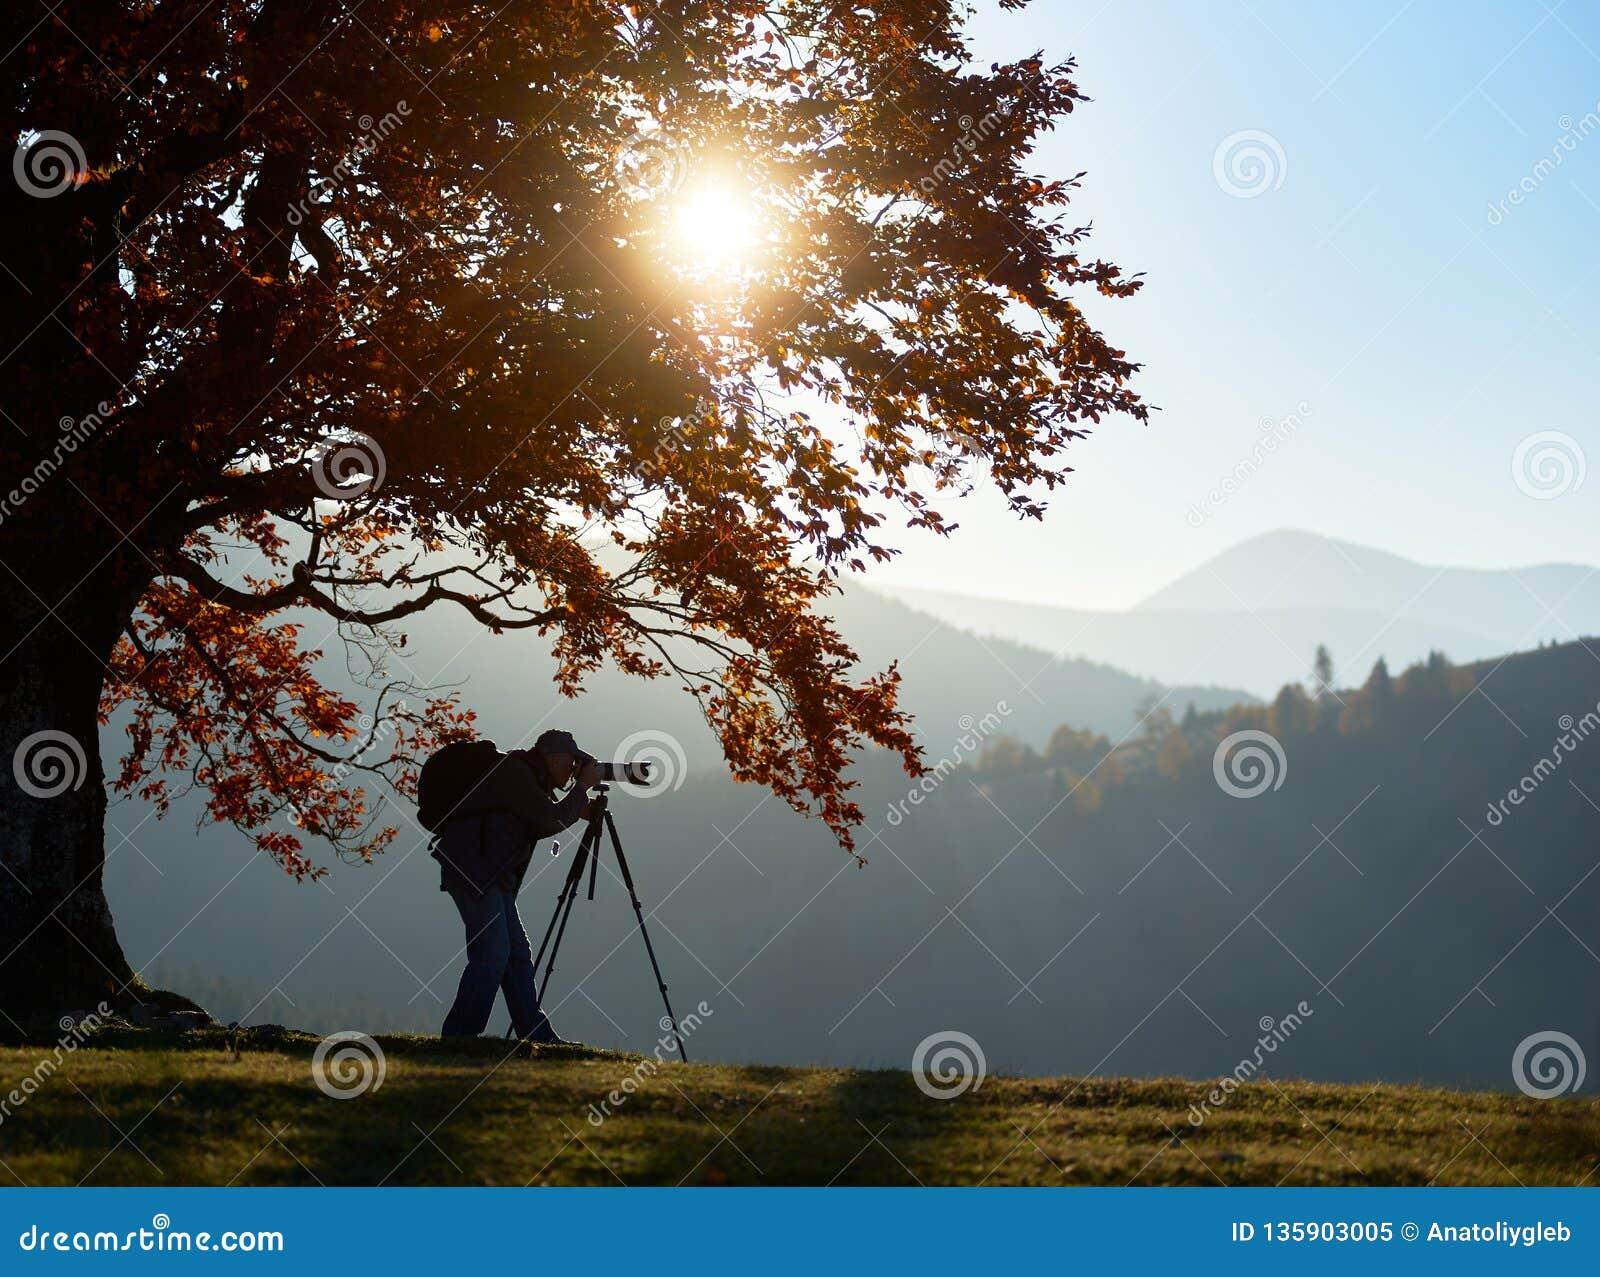 Uomo turistico della viandante con la macchina fotografica sulla valle erbosa su fondo del paesaggio della montagna sotto il gran